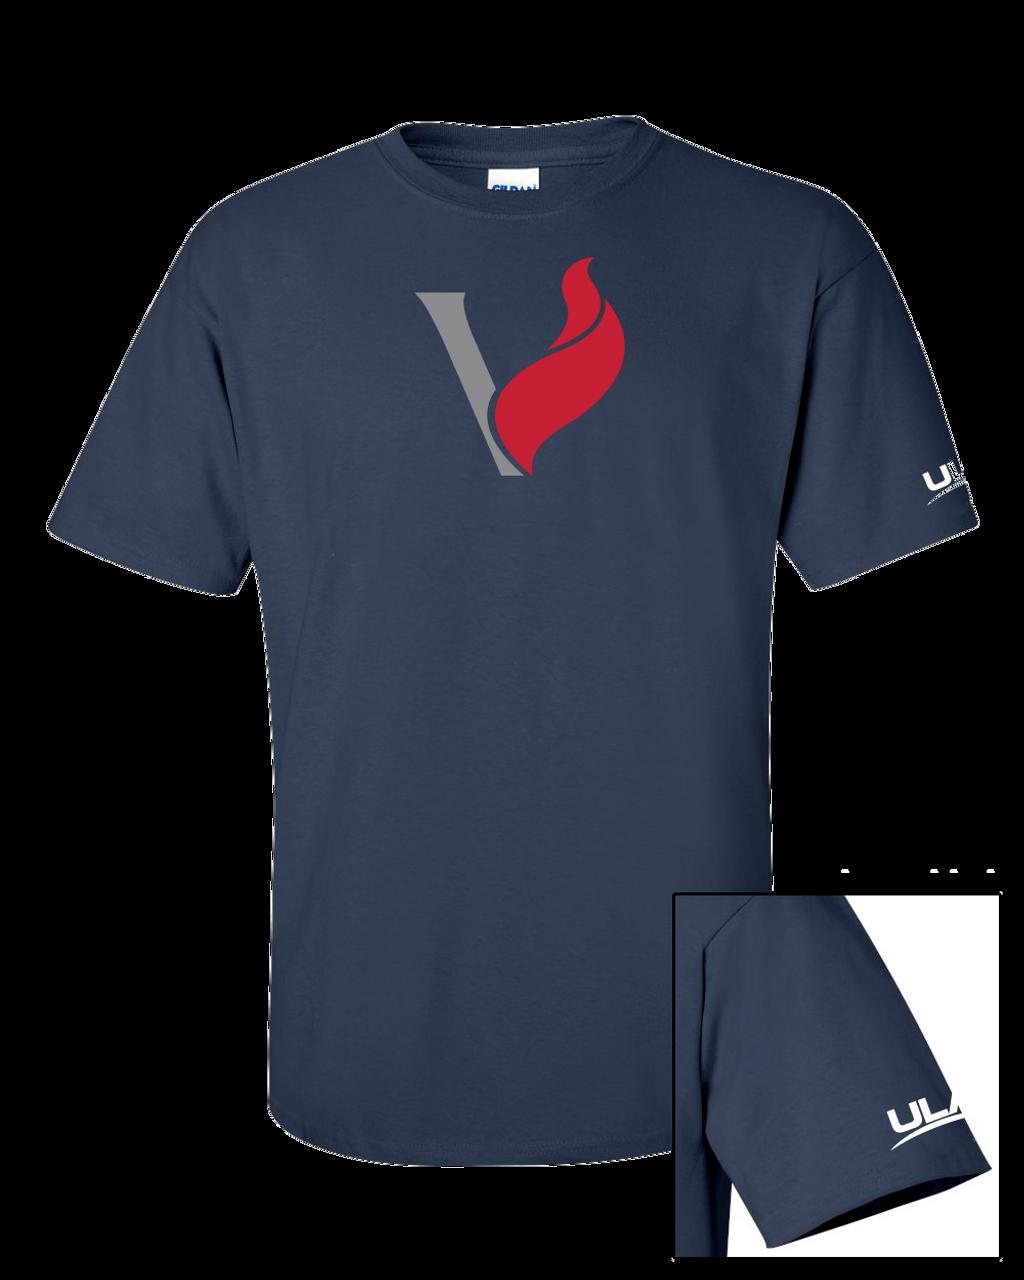 Vulcan Short Sleeve T-Shirt - United Launch Alliance 94e476ee9f